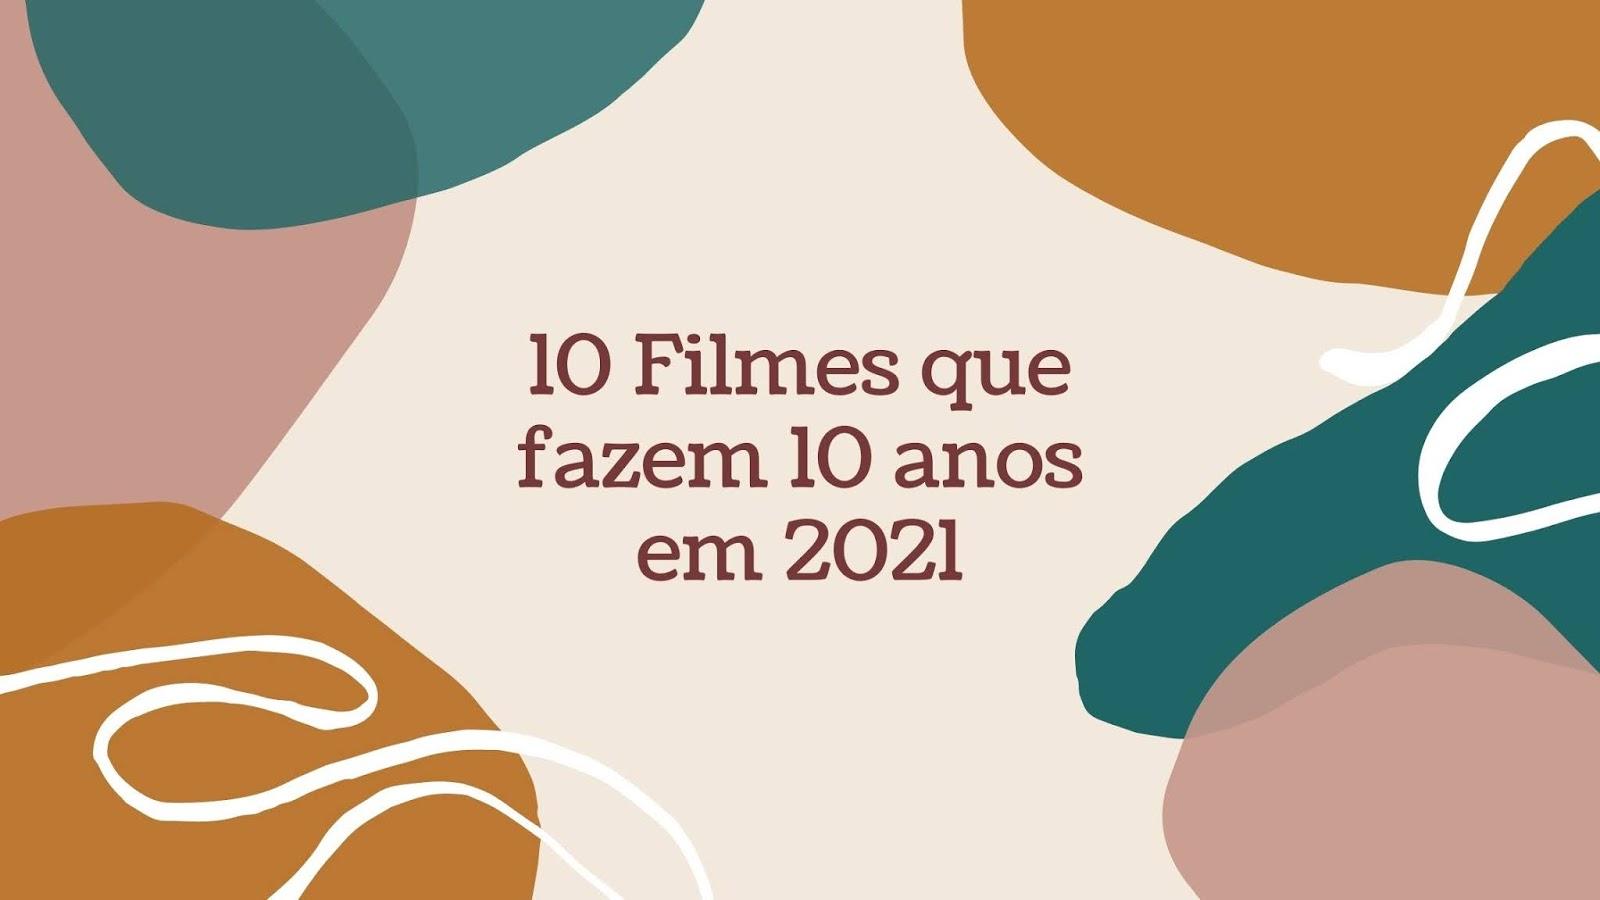 Filmes que fazem 10 anos em 2021